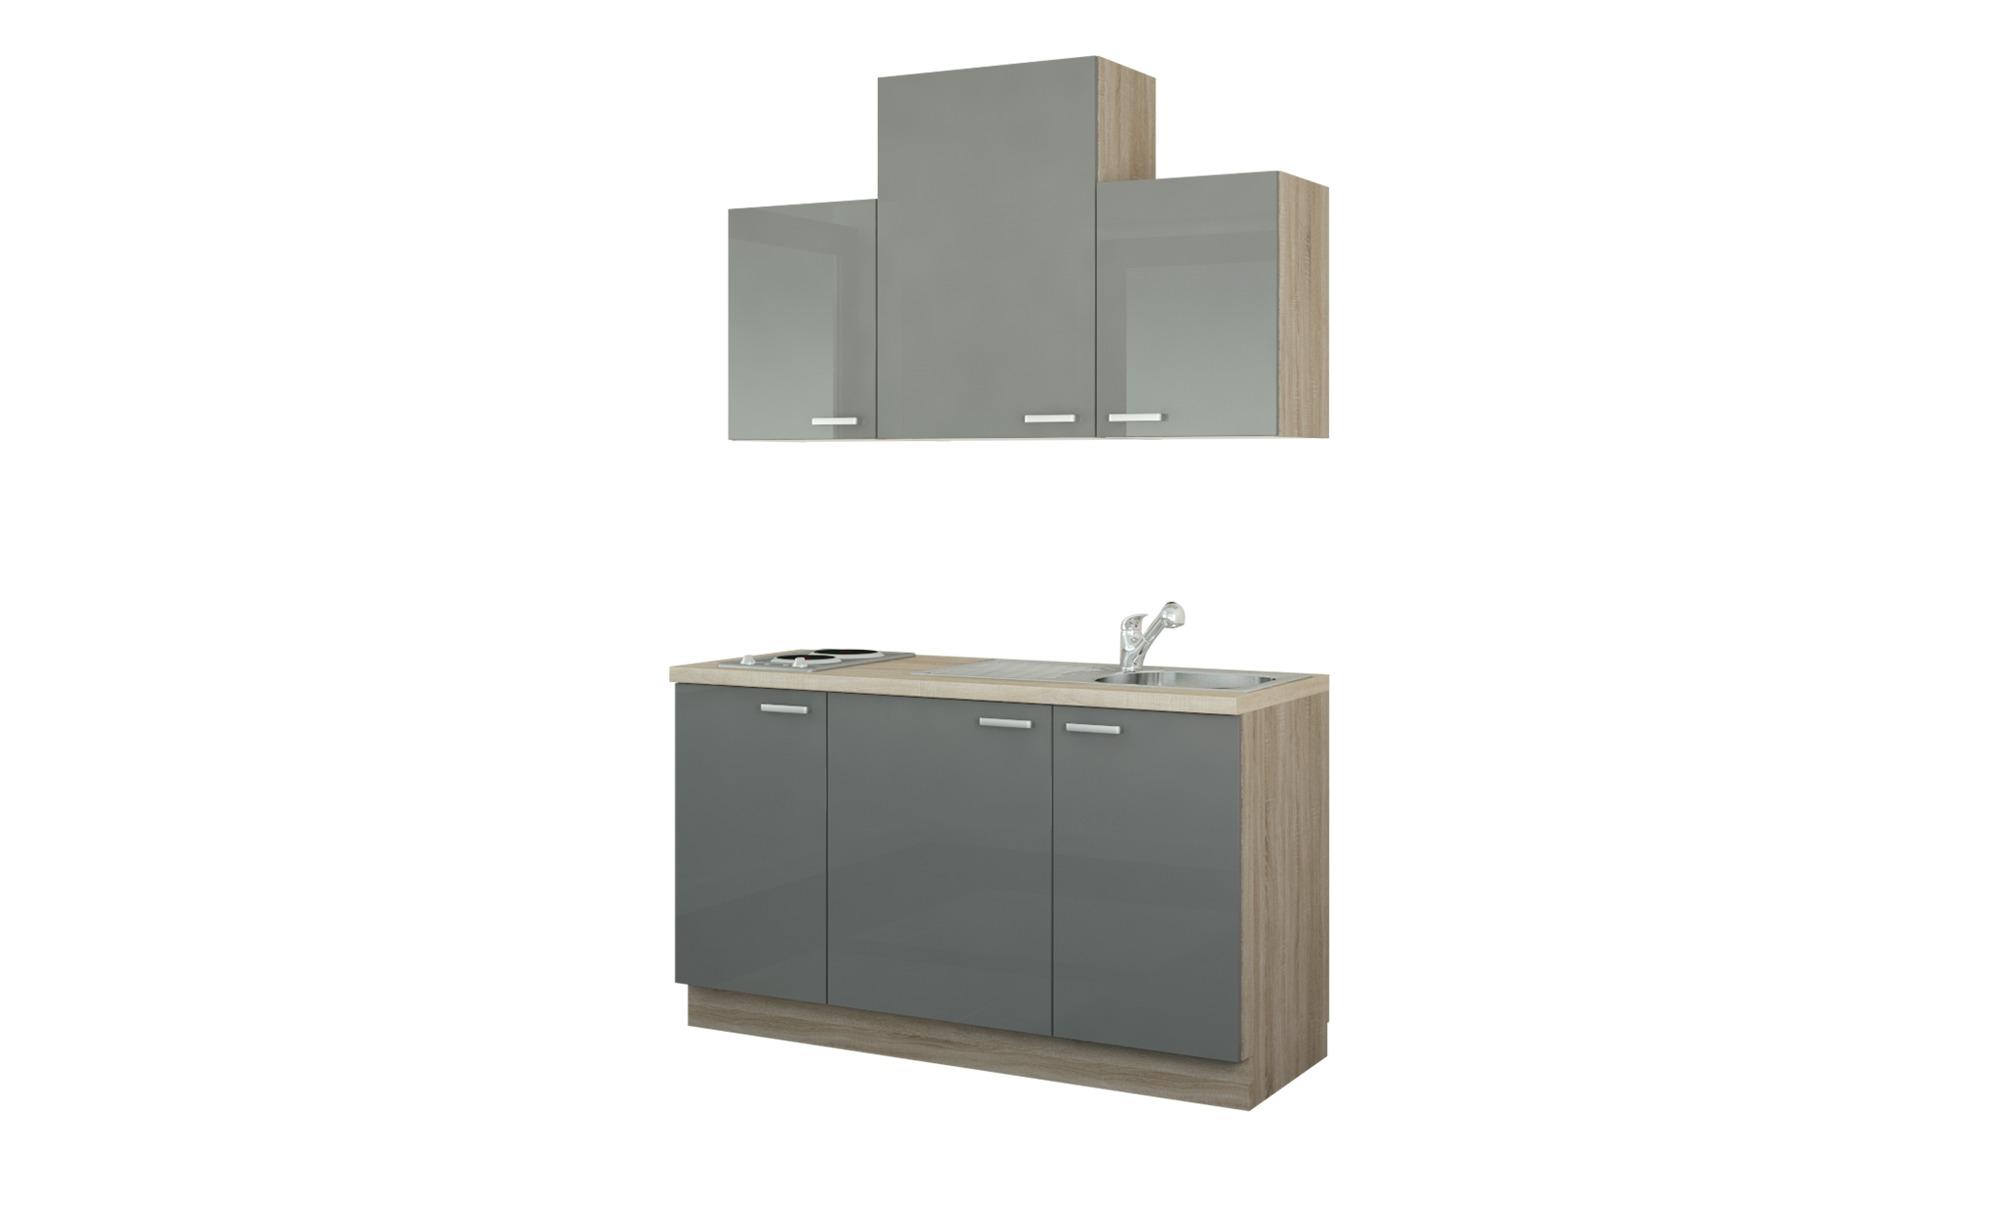 Küchenzeile mit Elektrogeräten  Aue ¦ Maße (cm): B: 150 Küchen > Küchenblöcke mit E-Geräten - Höffner